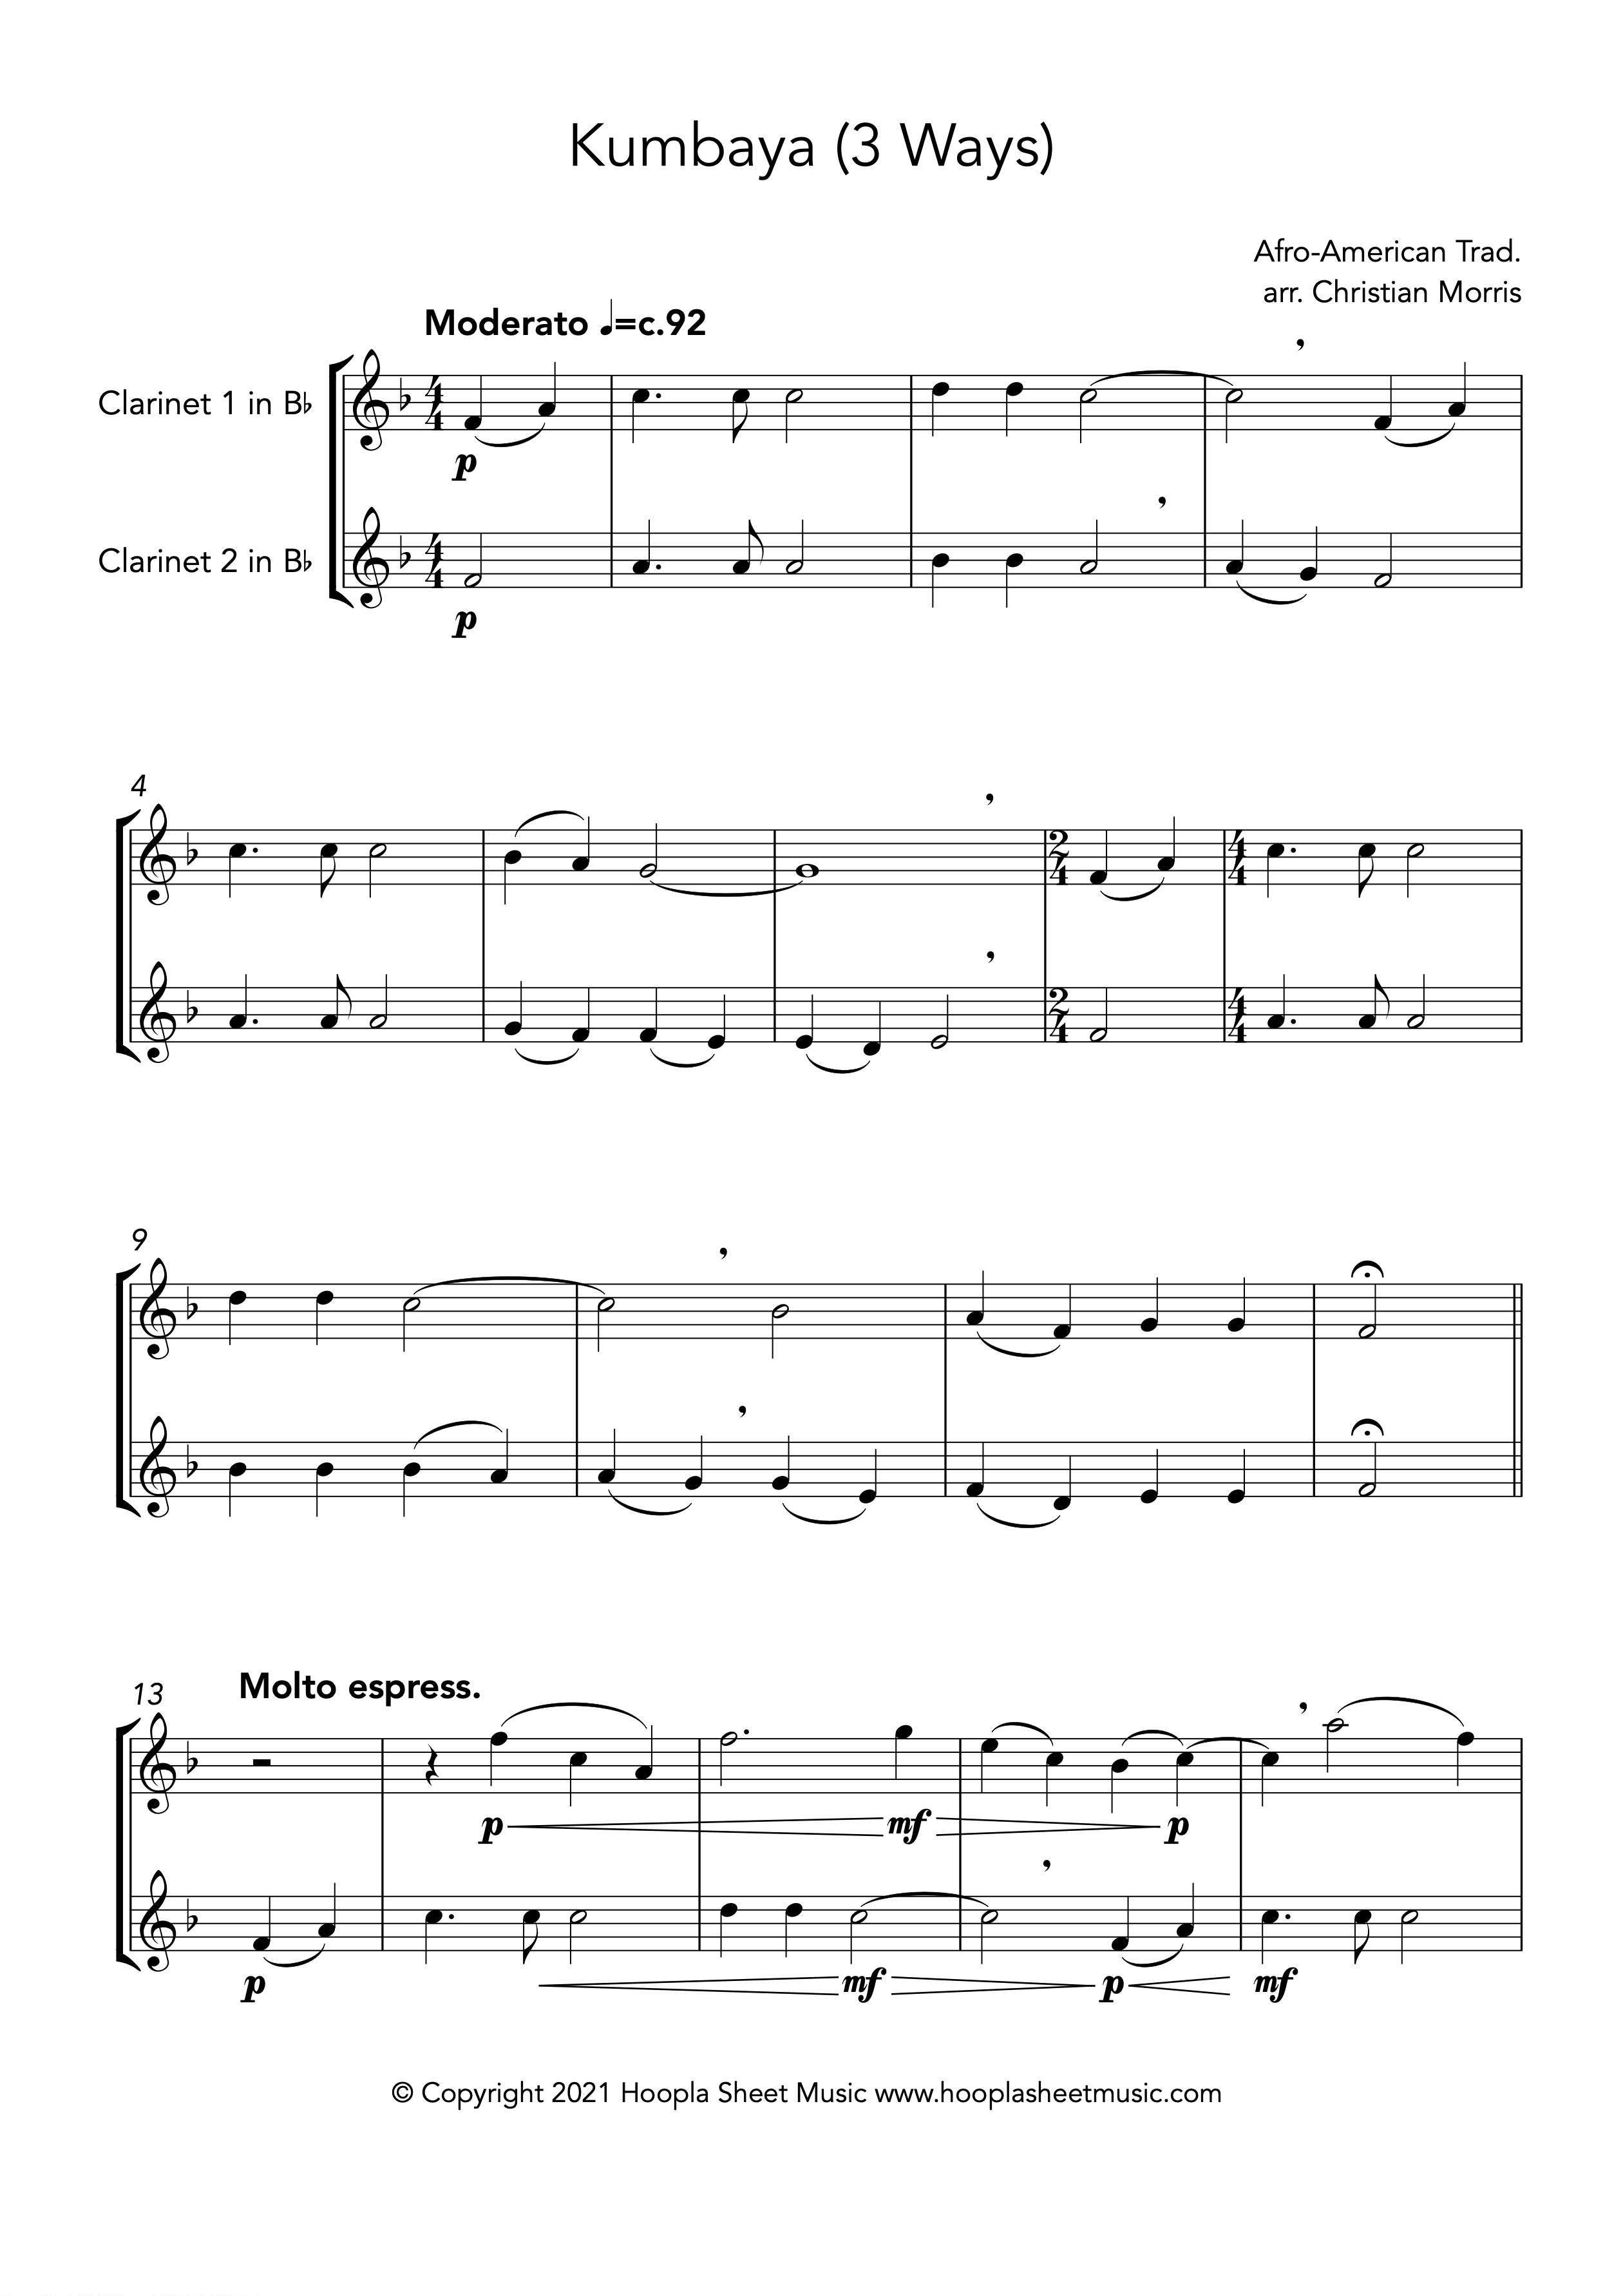 Kumbaya (Clarinet Duet)